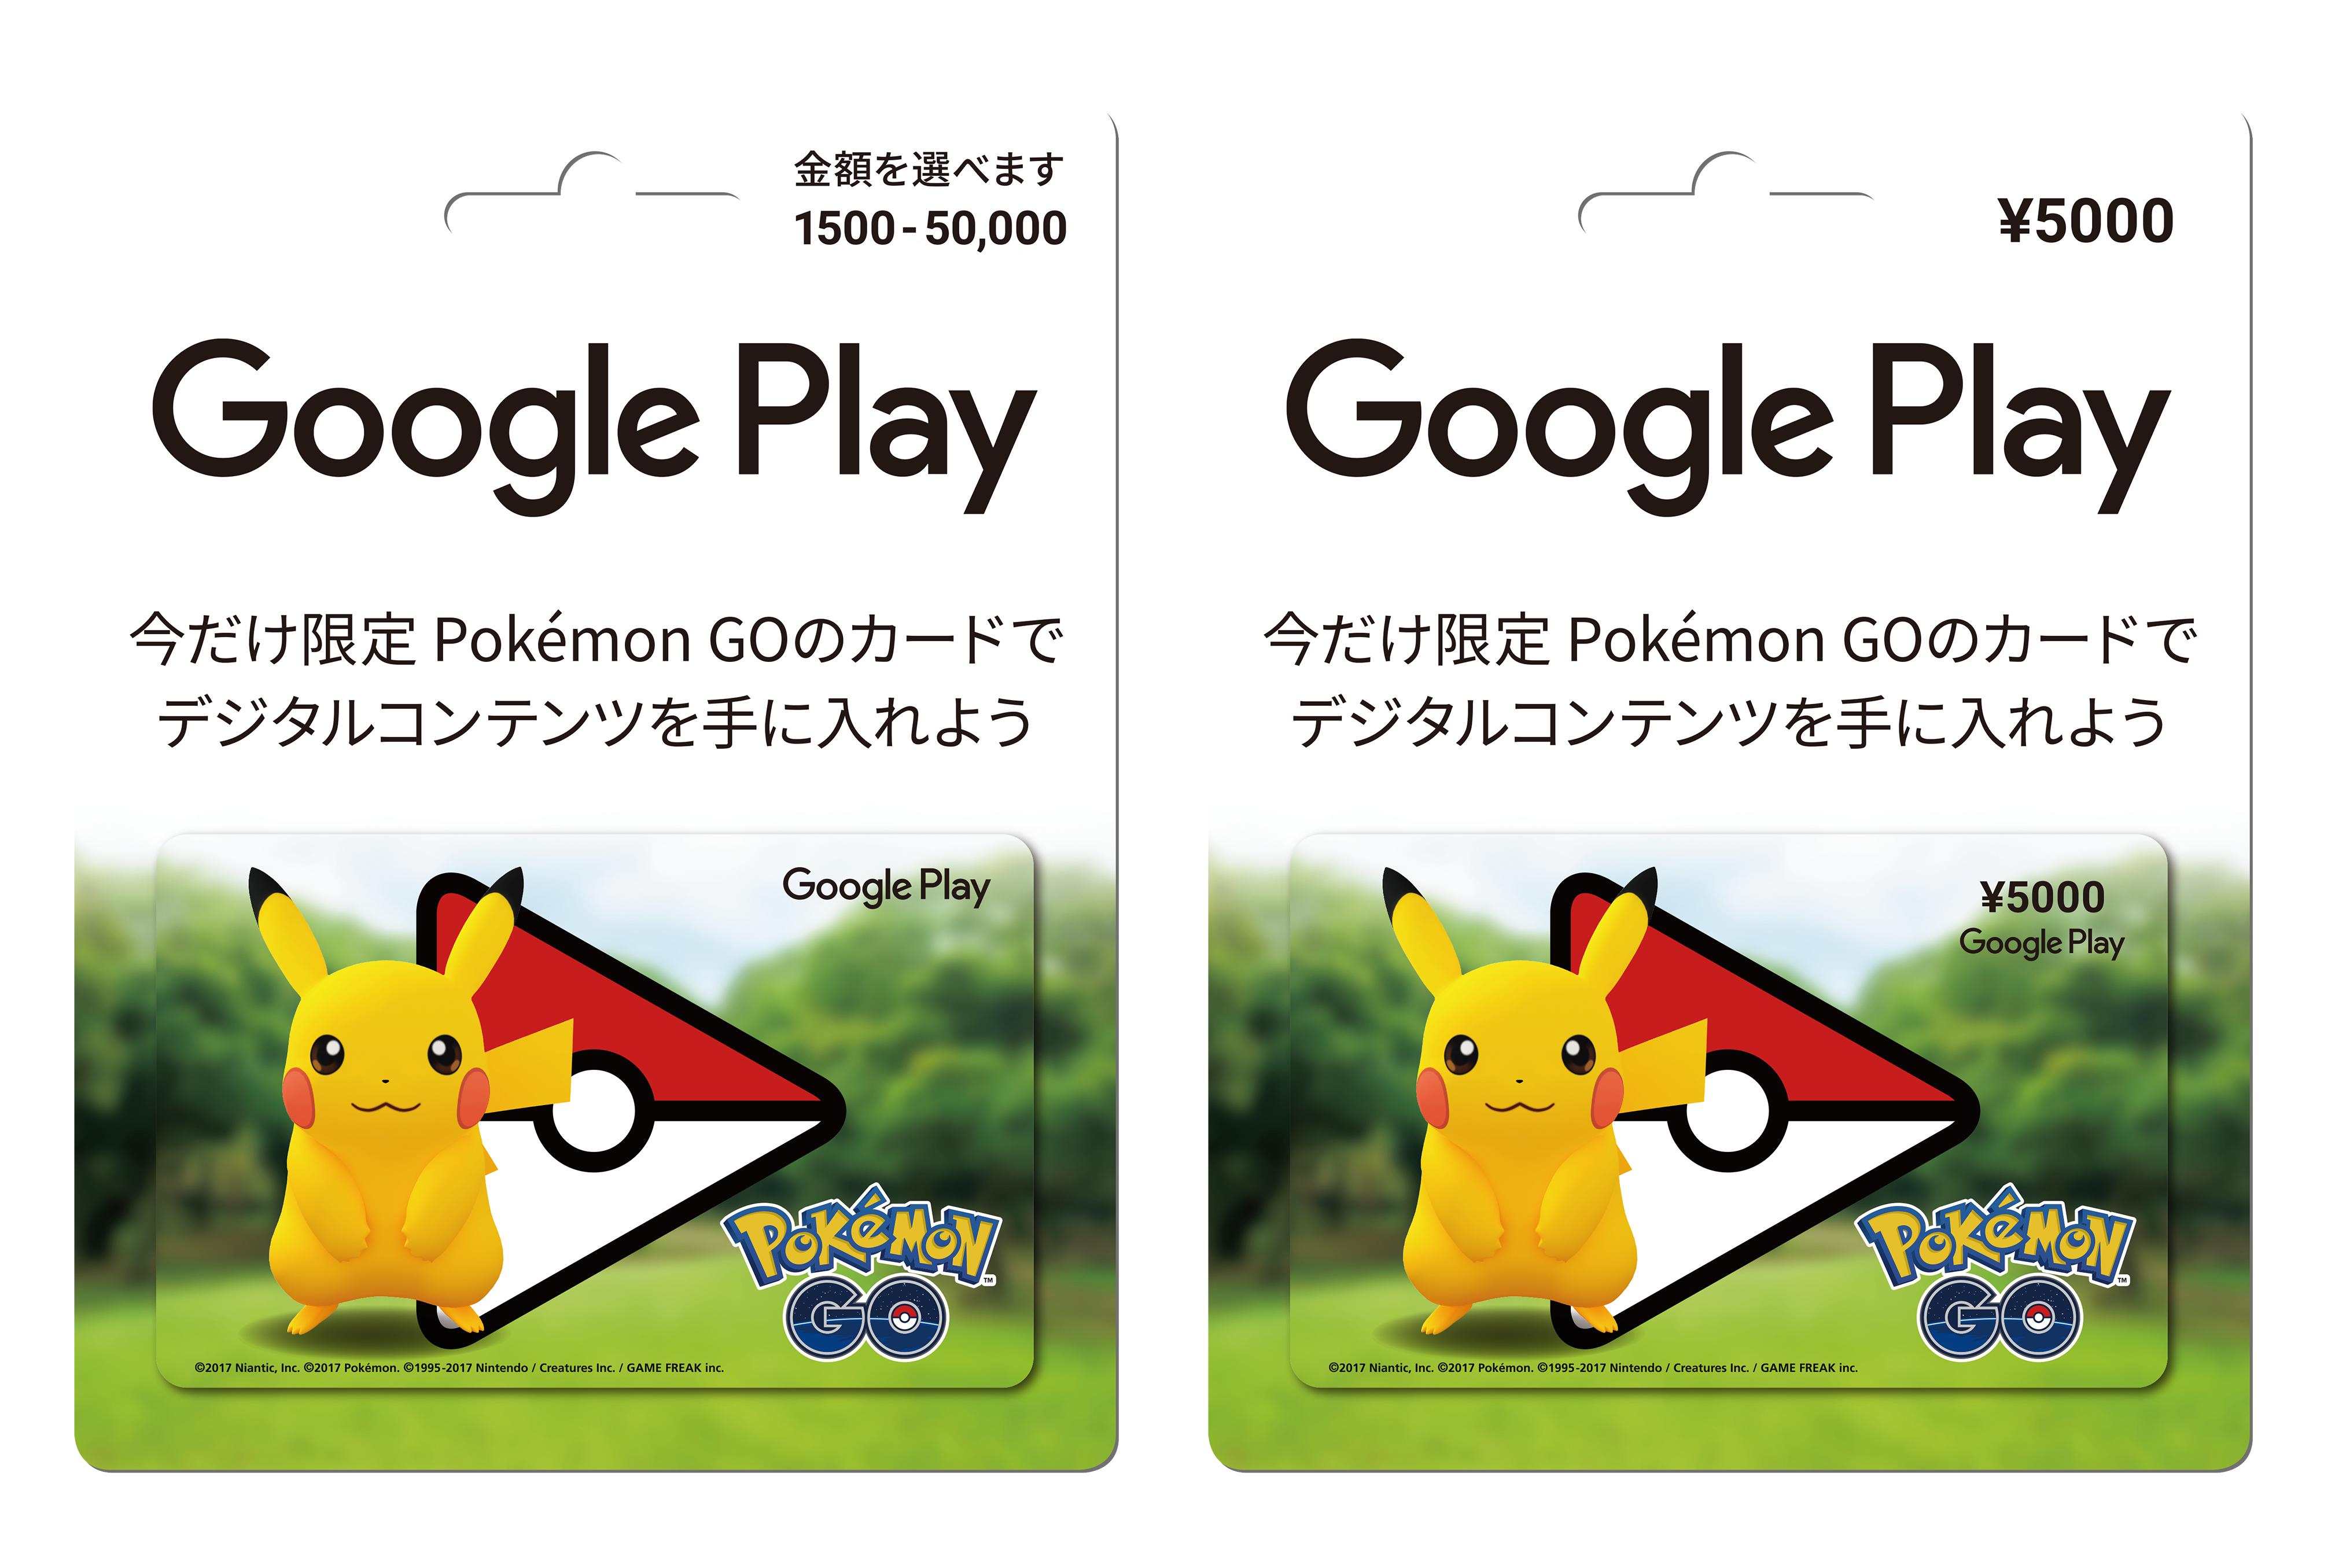 ポケモン Google